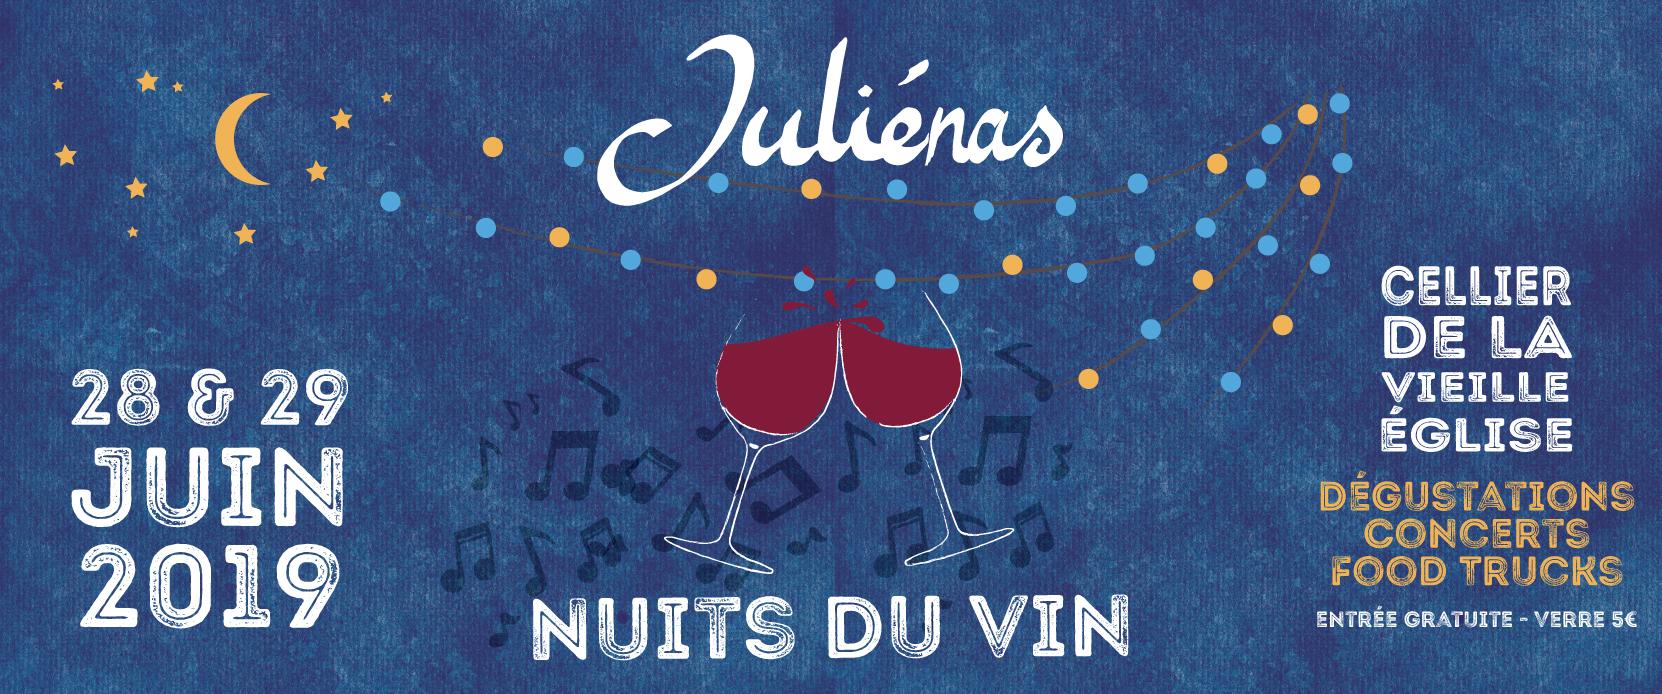 Affiche Nuits du vin